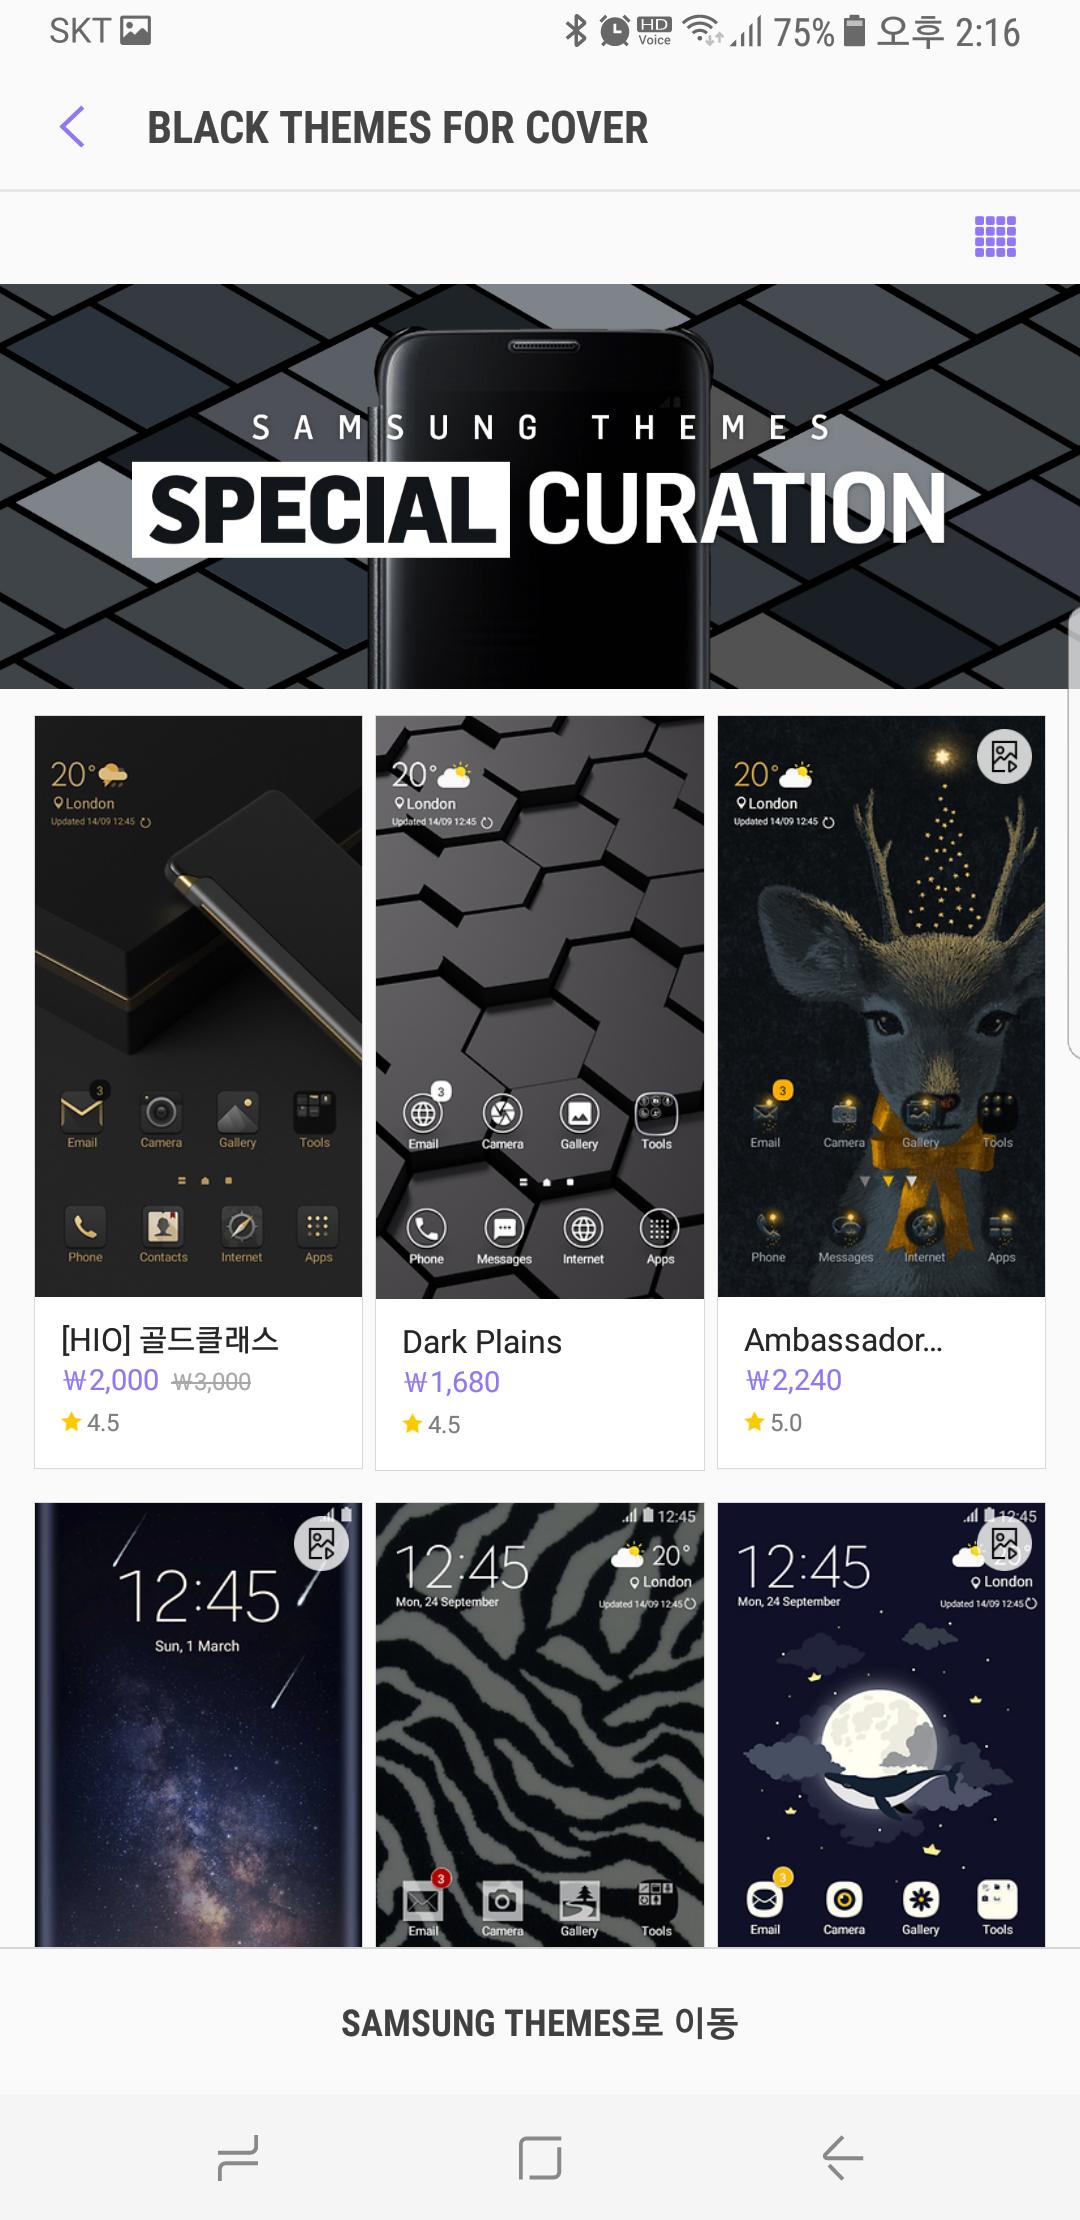 갤럭시 S8 플러스 클리어뷰 스탠딩 커버 테마